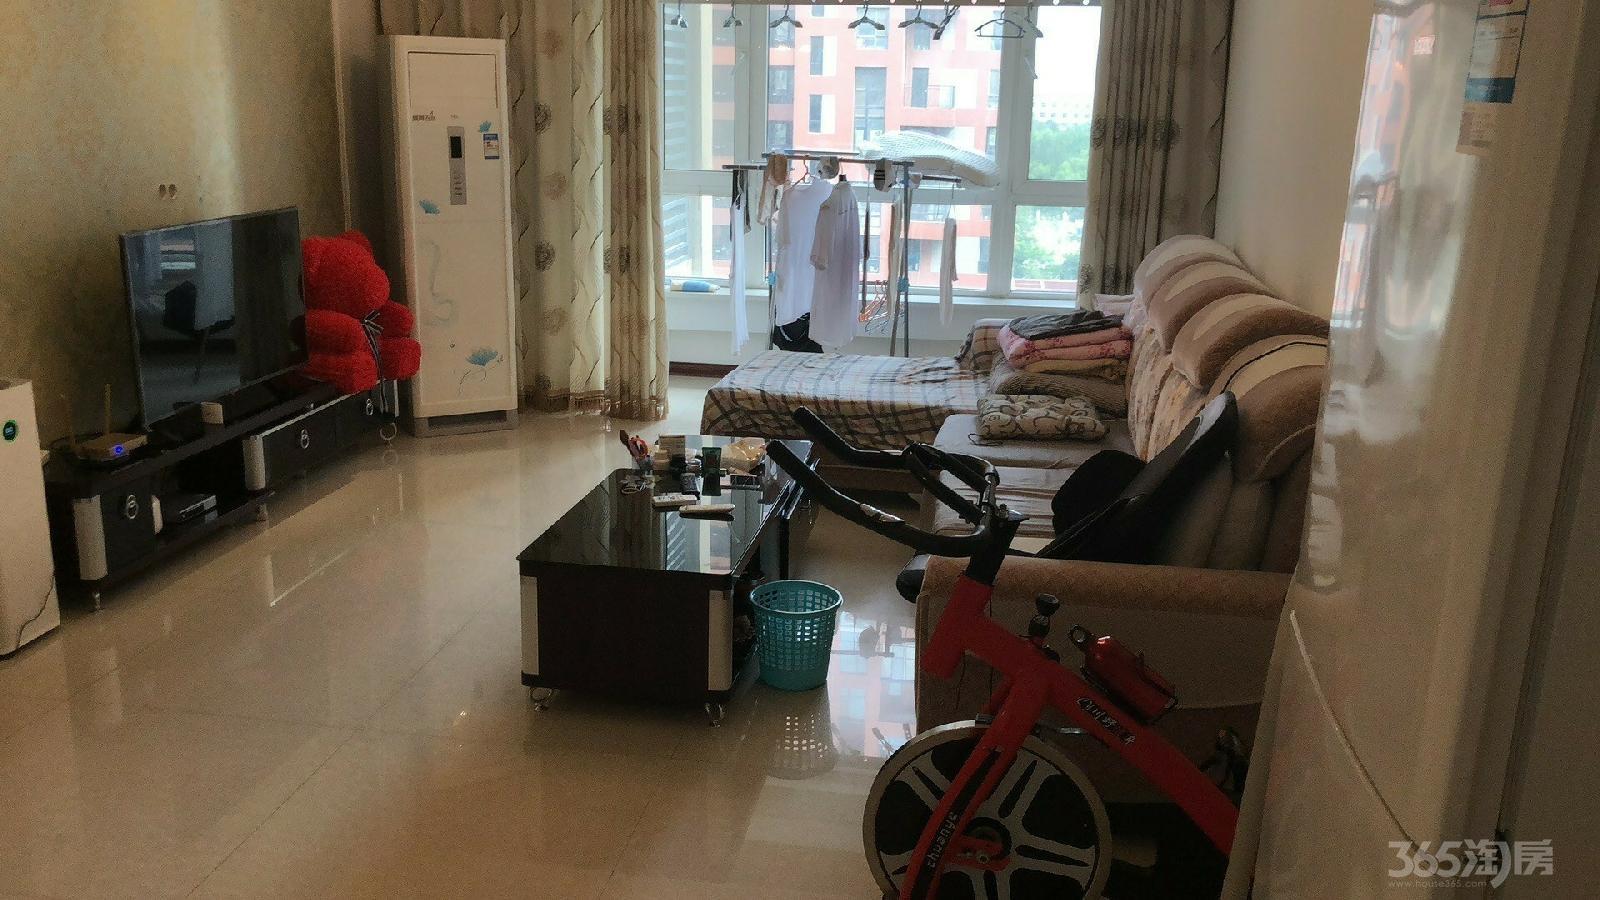 金地滨河国际上城2室1厅1卫87平米整租豪华装